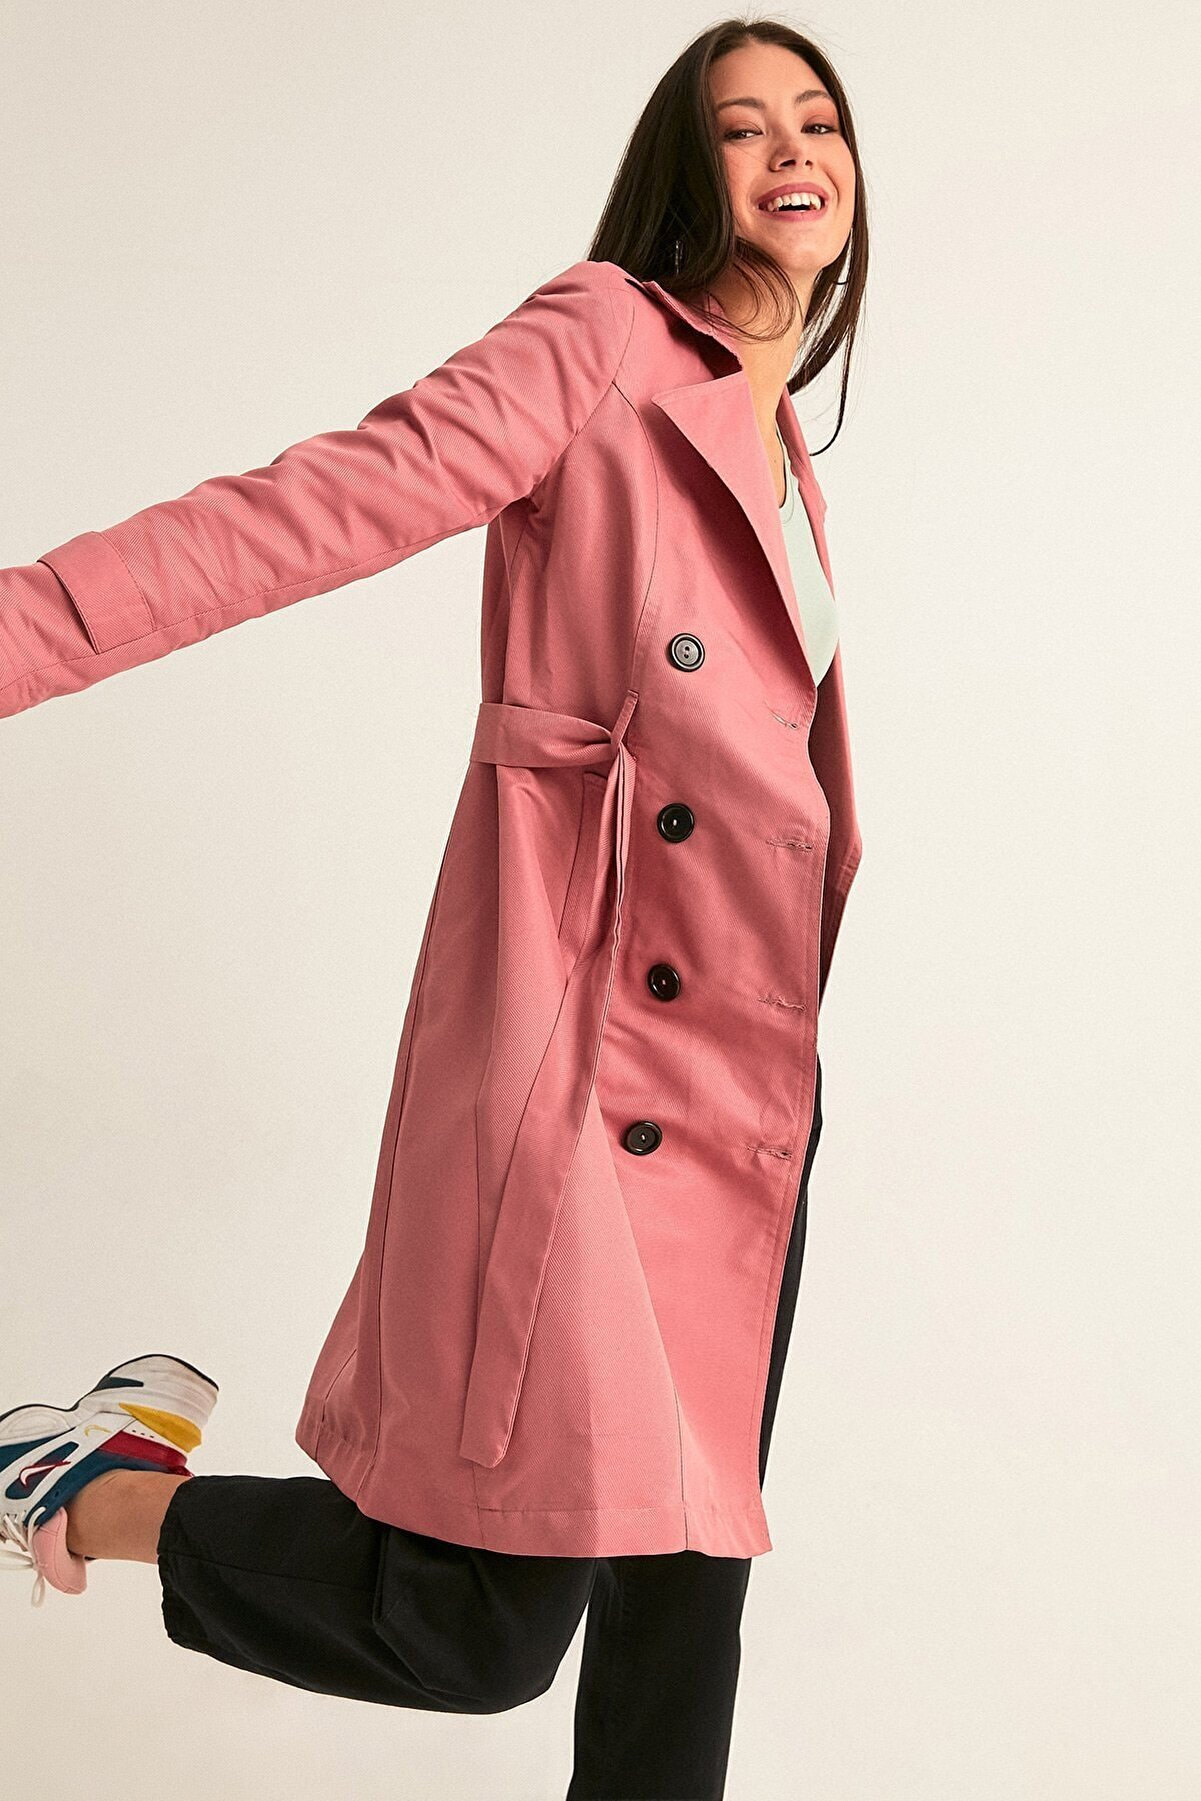 Fullamoda Kadın Gül Rengi Uzun Basic Trençkot